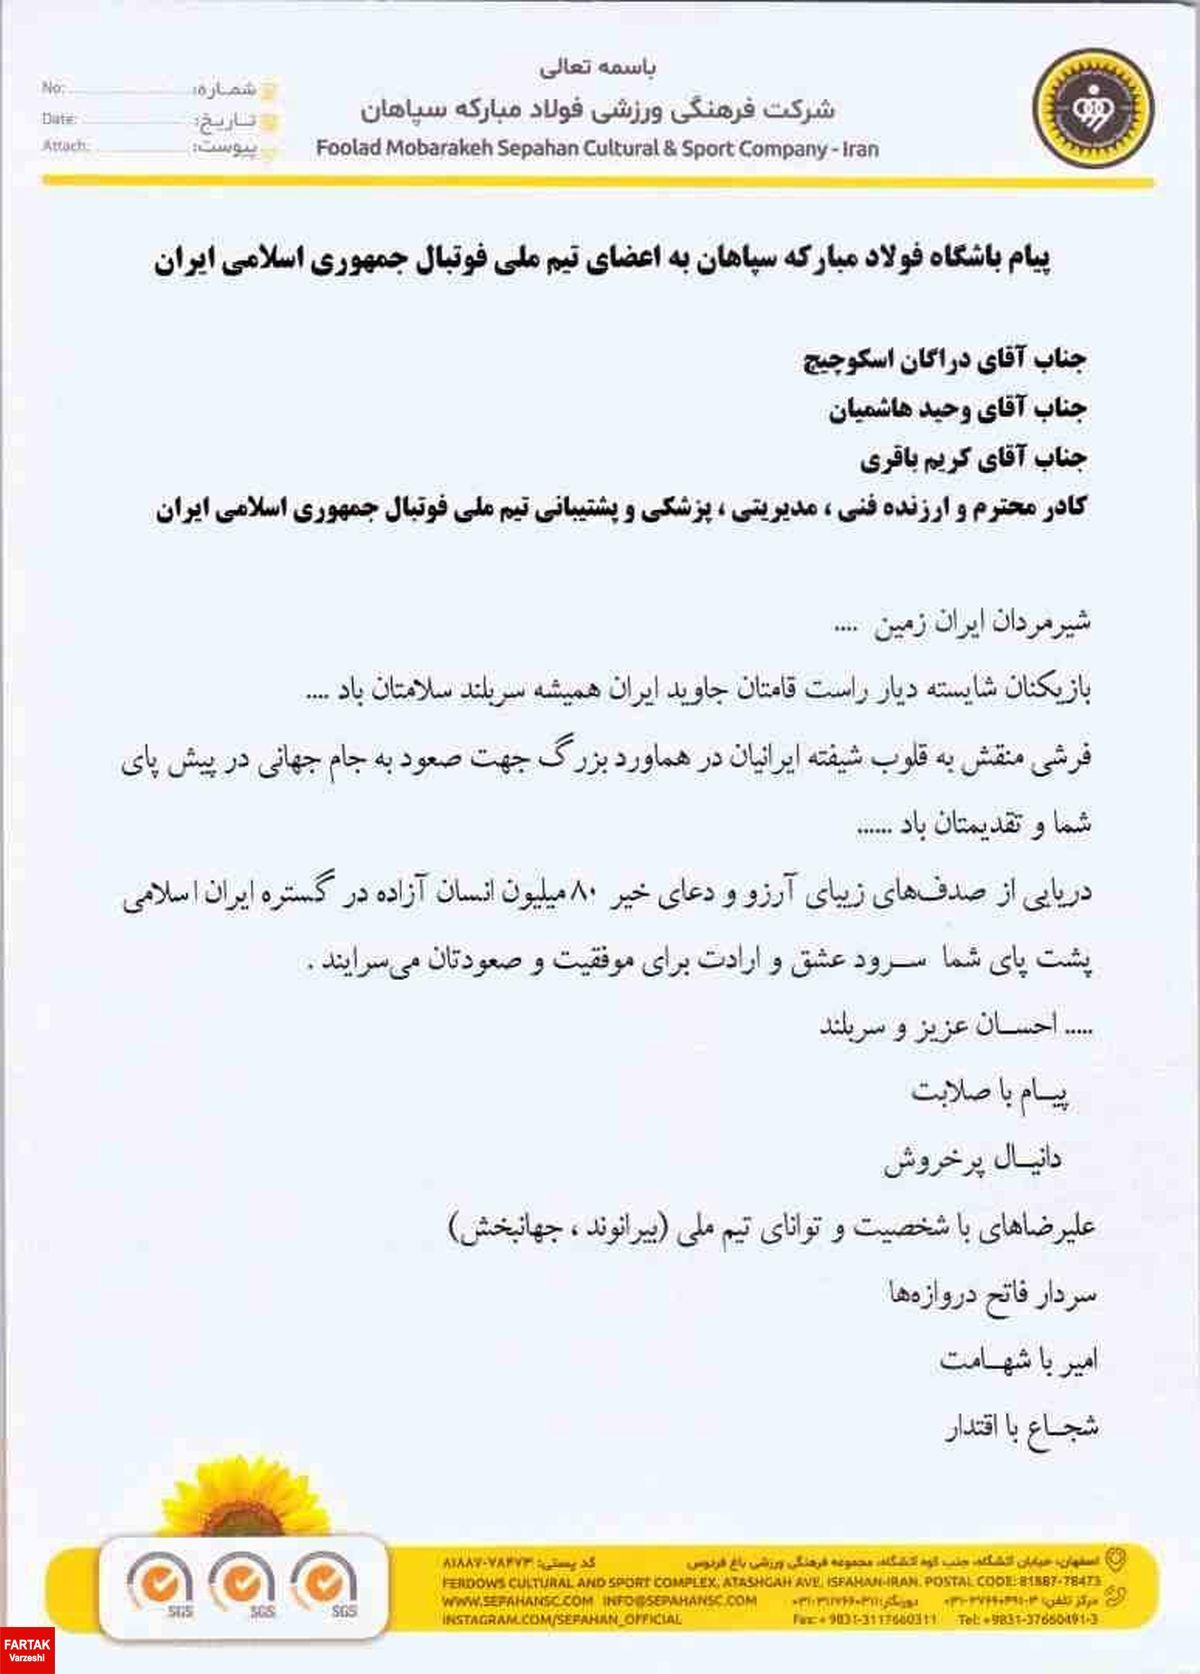 حمایت باشگاه سپاهان از تیم ملی ایران